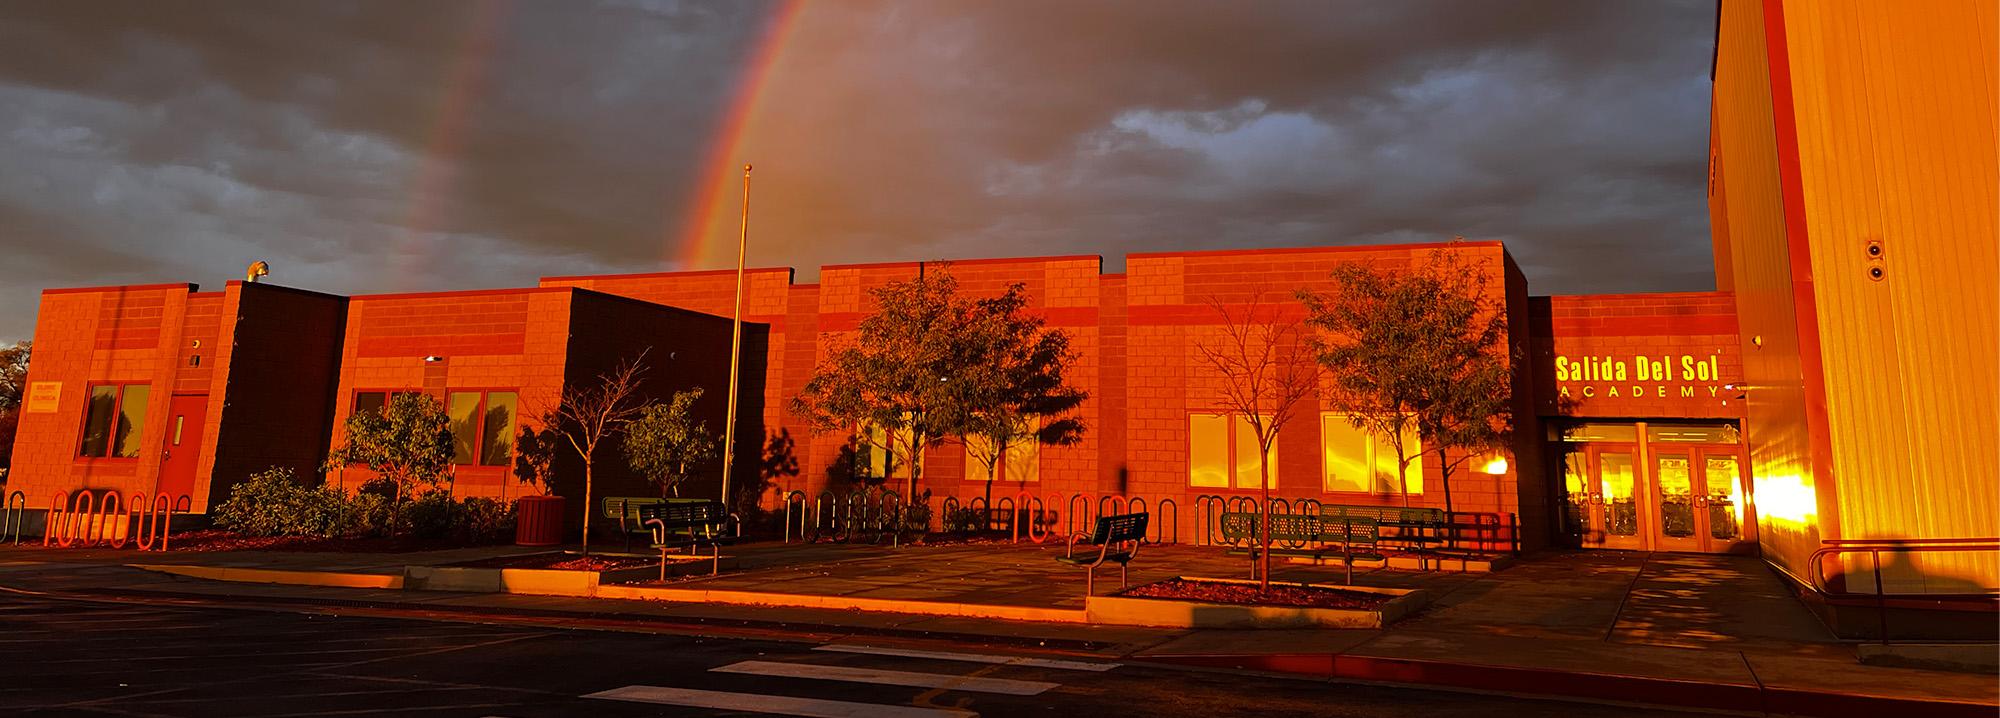 Salida del Sol Academy school building